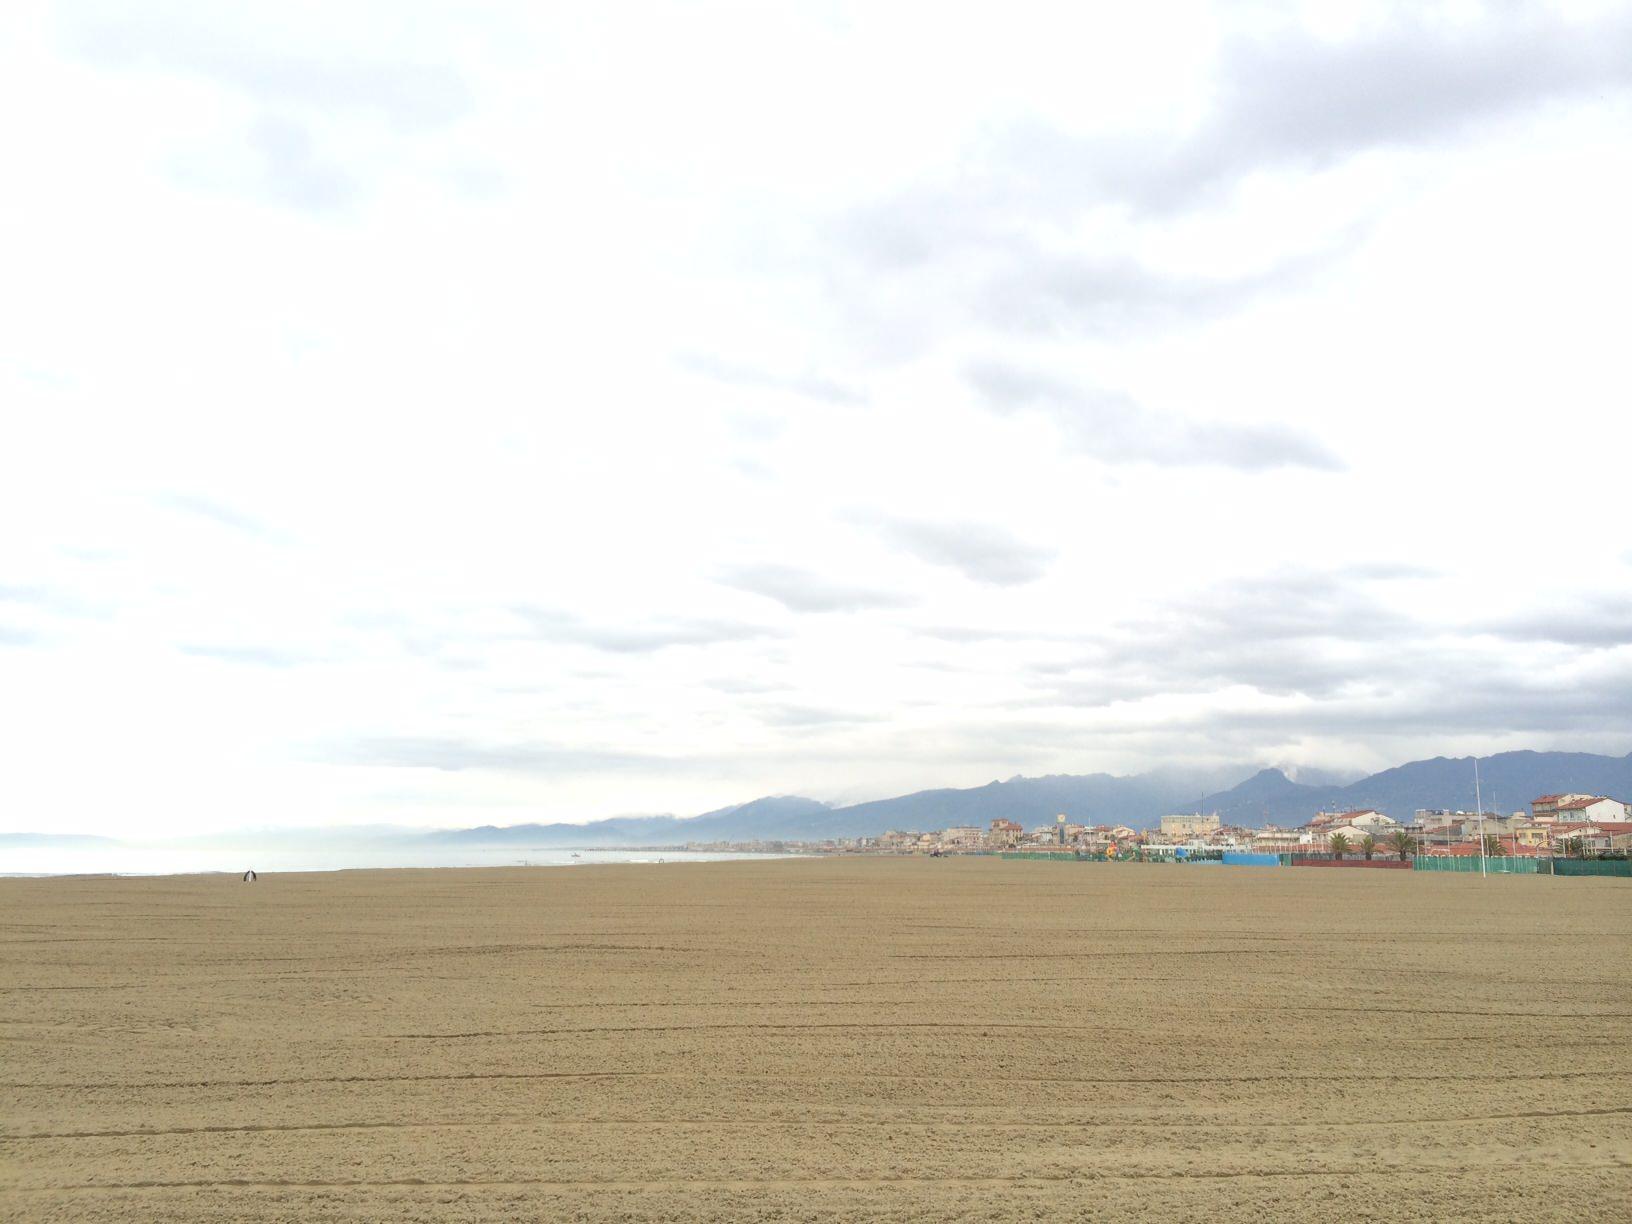 Rimosse decine di tonnellate di rifiuti sulla spiaggia di Viareggio dai balneari